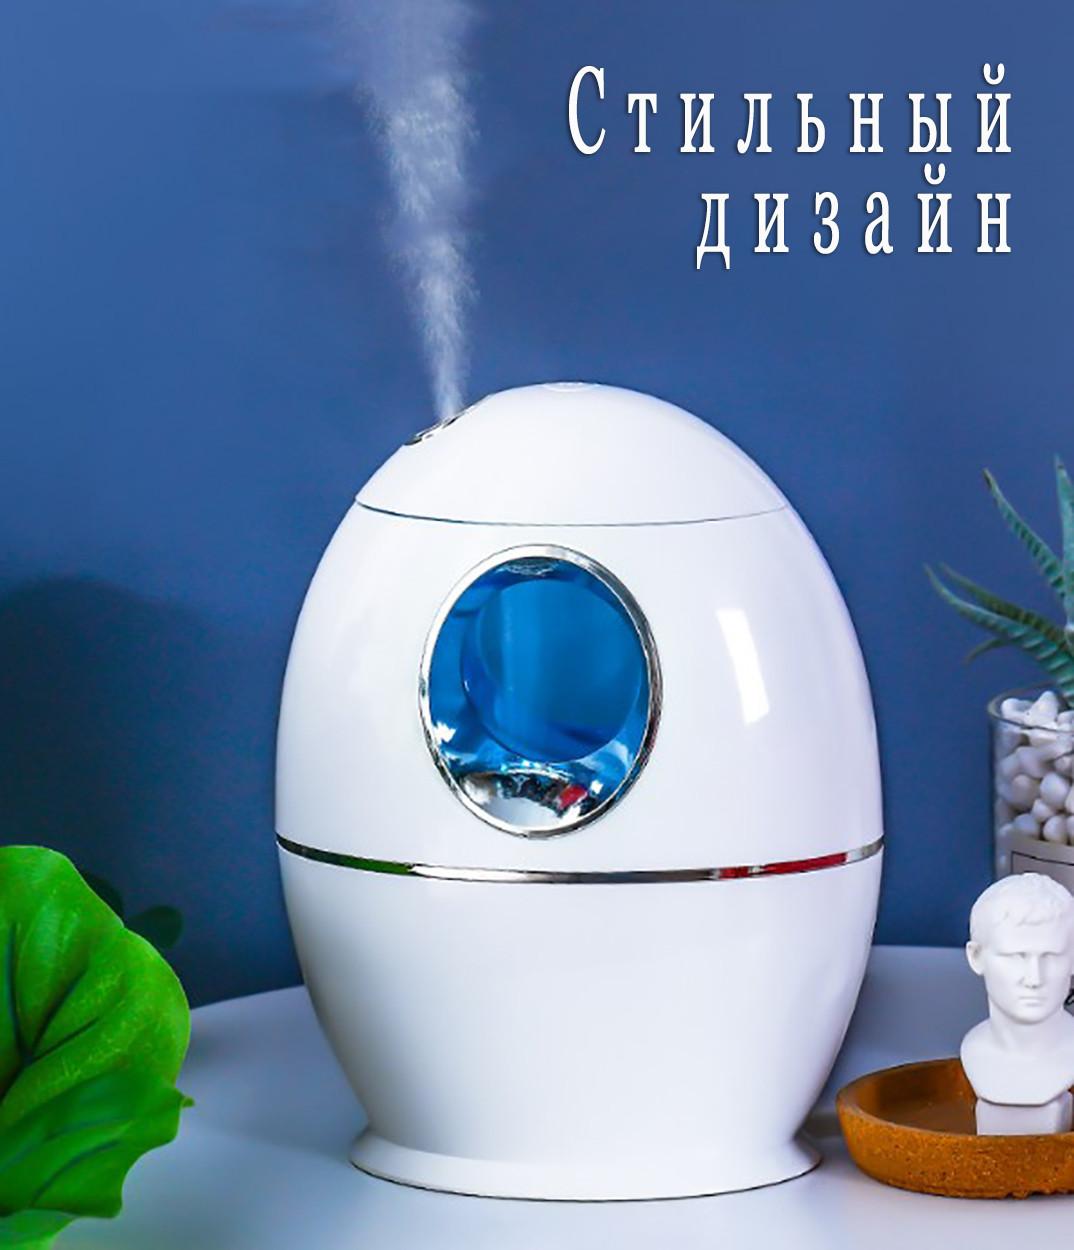 Зволожувач повітря Adna Fresh USB зволожувач нічник розпилювач повітря з підсвічуванням 800 мл